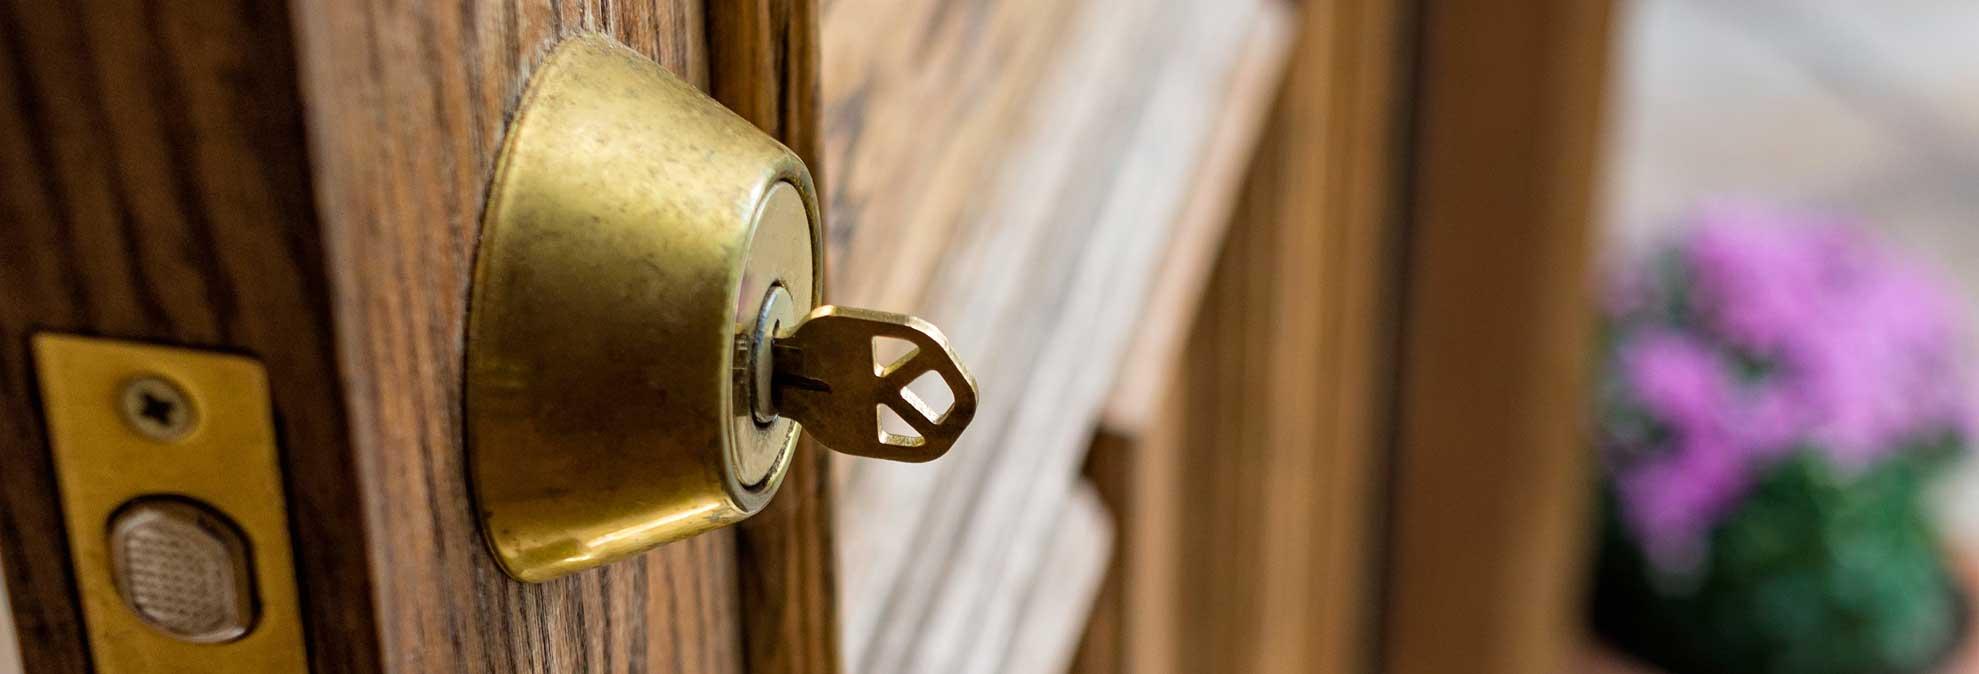 Best Door Lock Buying Guide - Consumer Reports